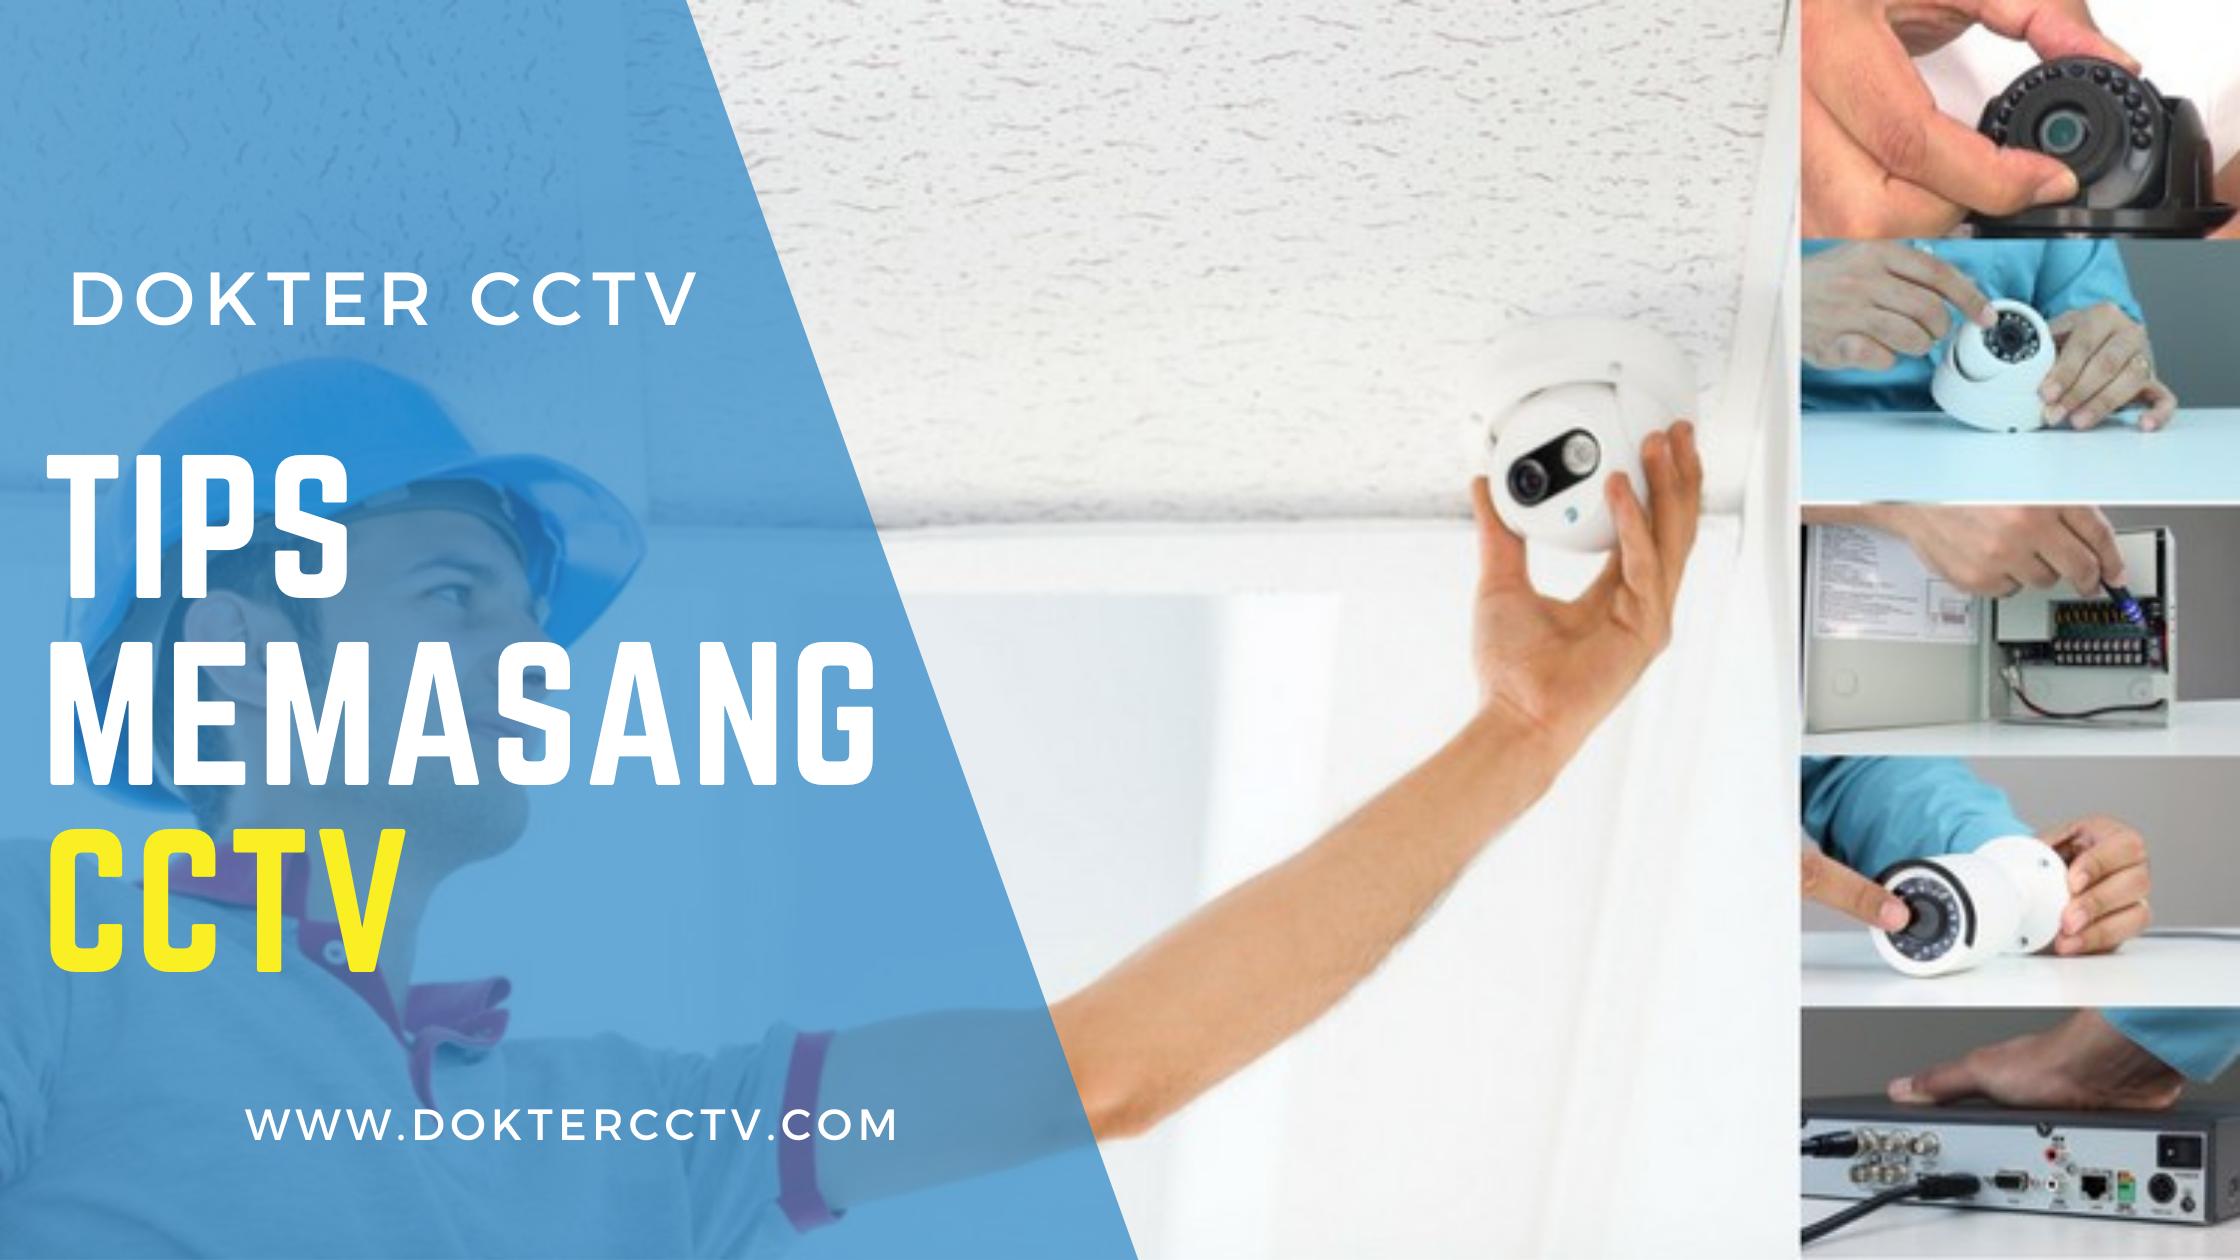 TIPS Memasang CCTV